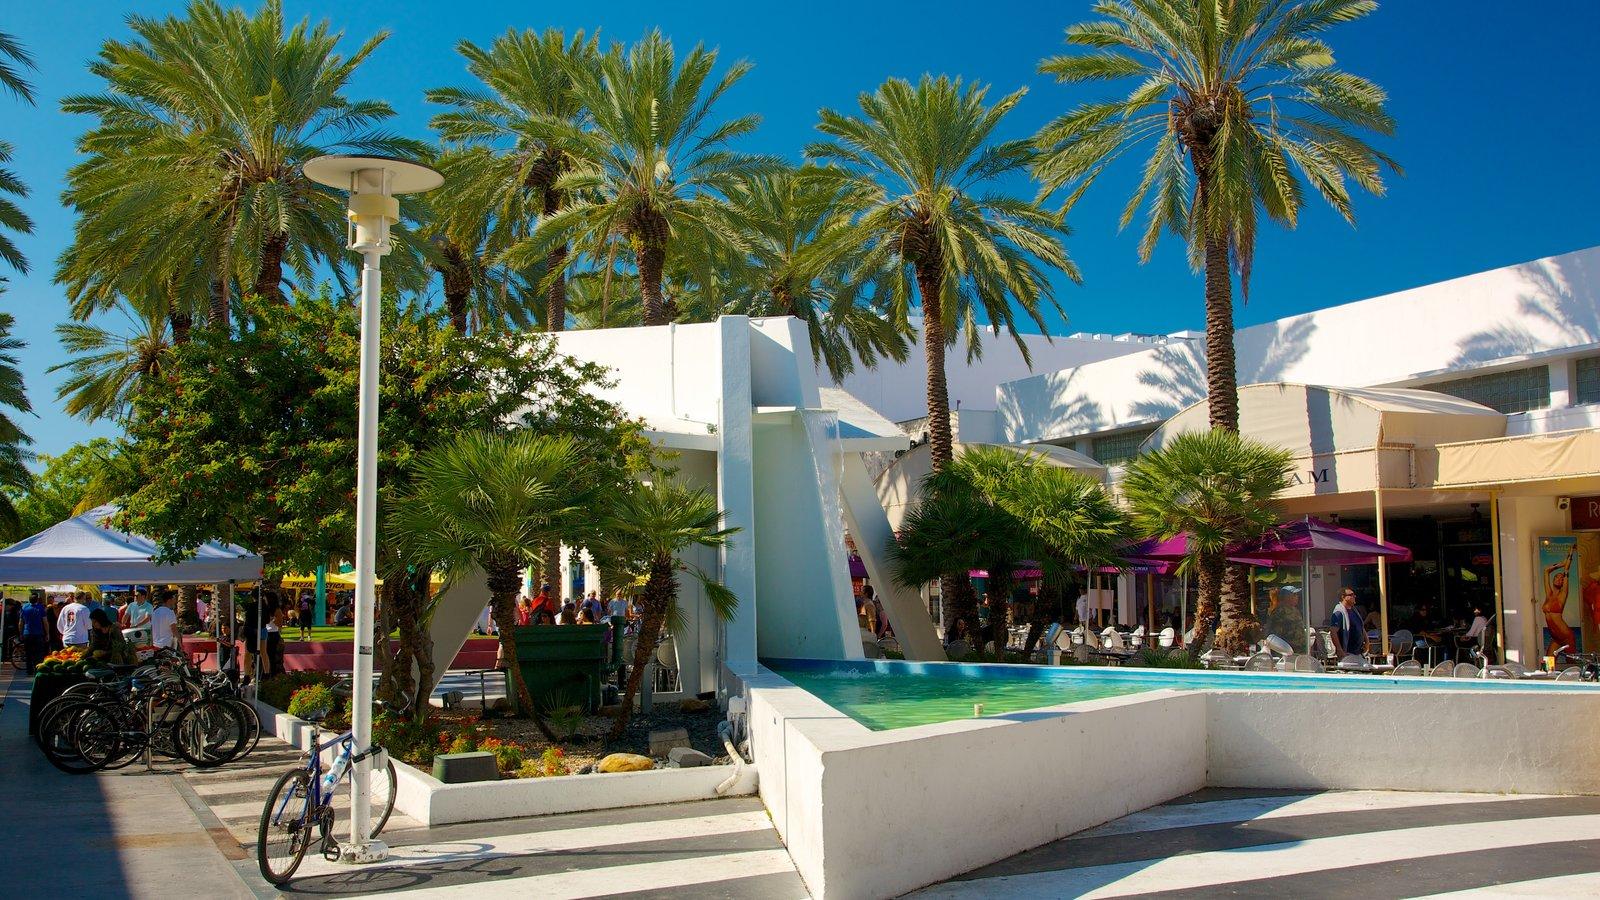 Lincoln Road Mall mostrando uma cidade, cenas tropicais e arquitetura moderna